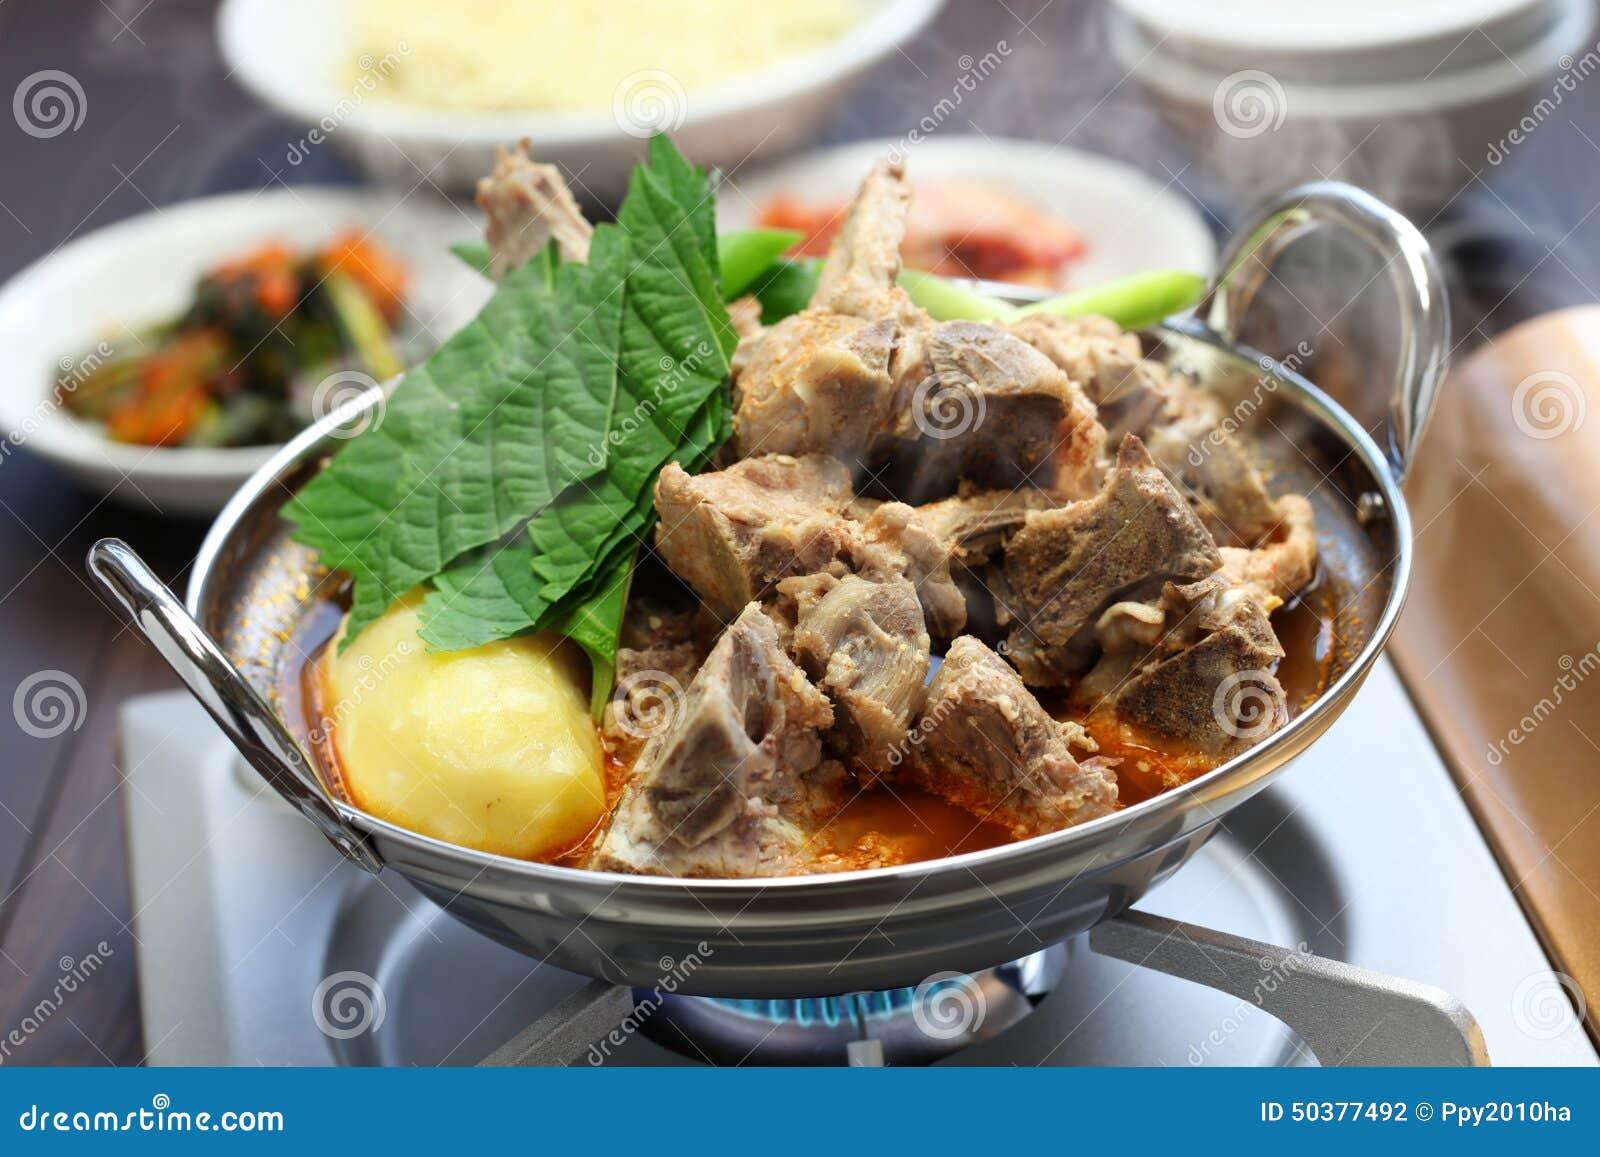 gamjatang, schweinefleischknochen und kartoffelsuppe, koreanische